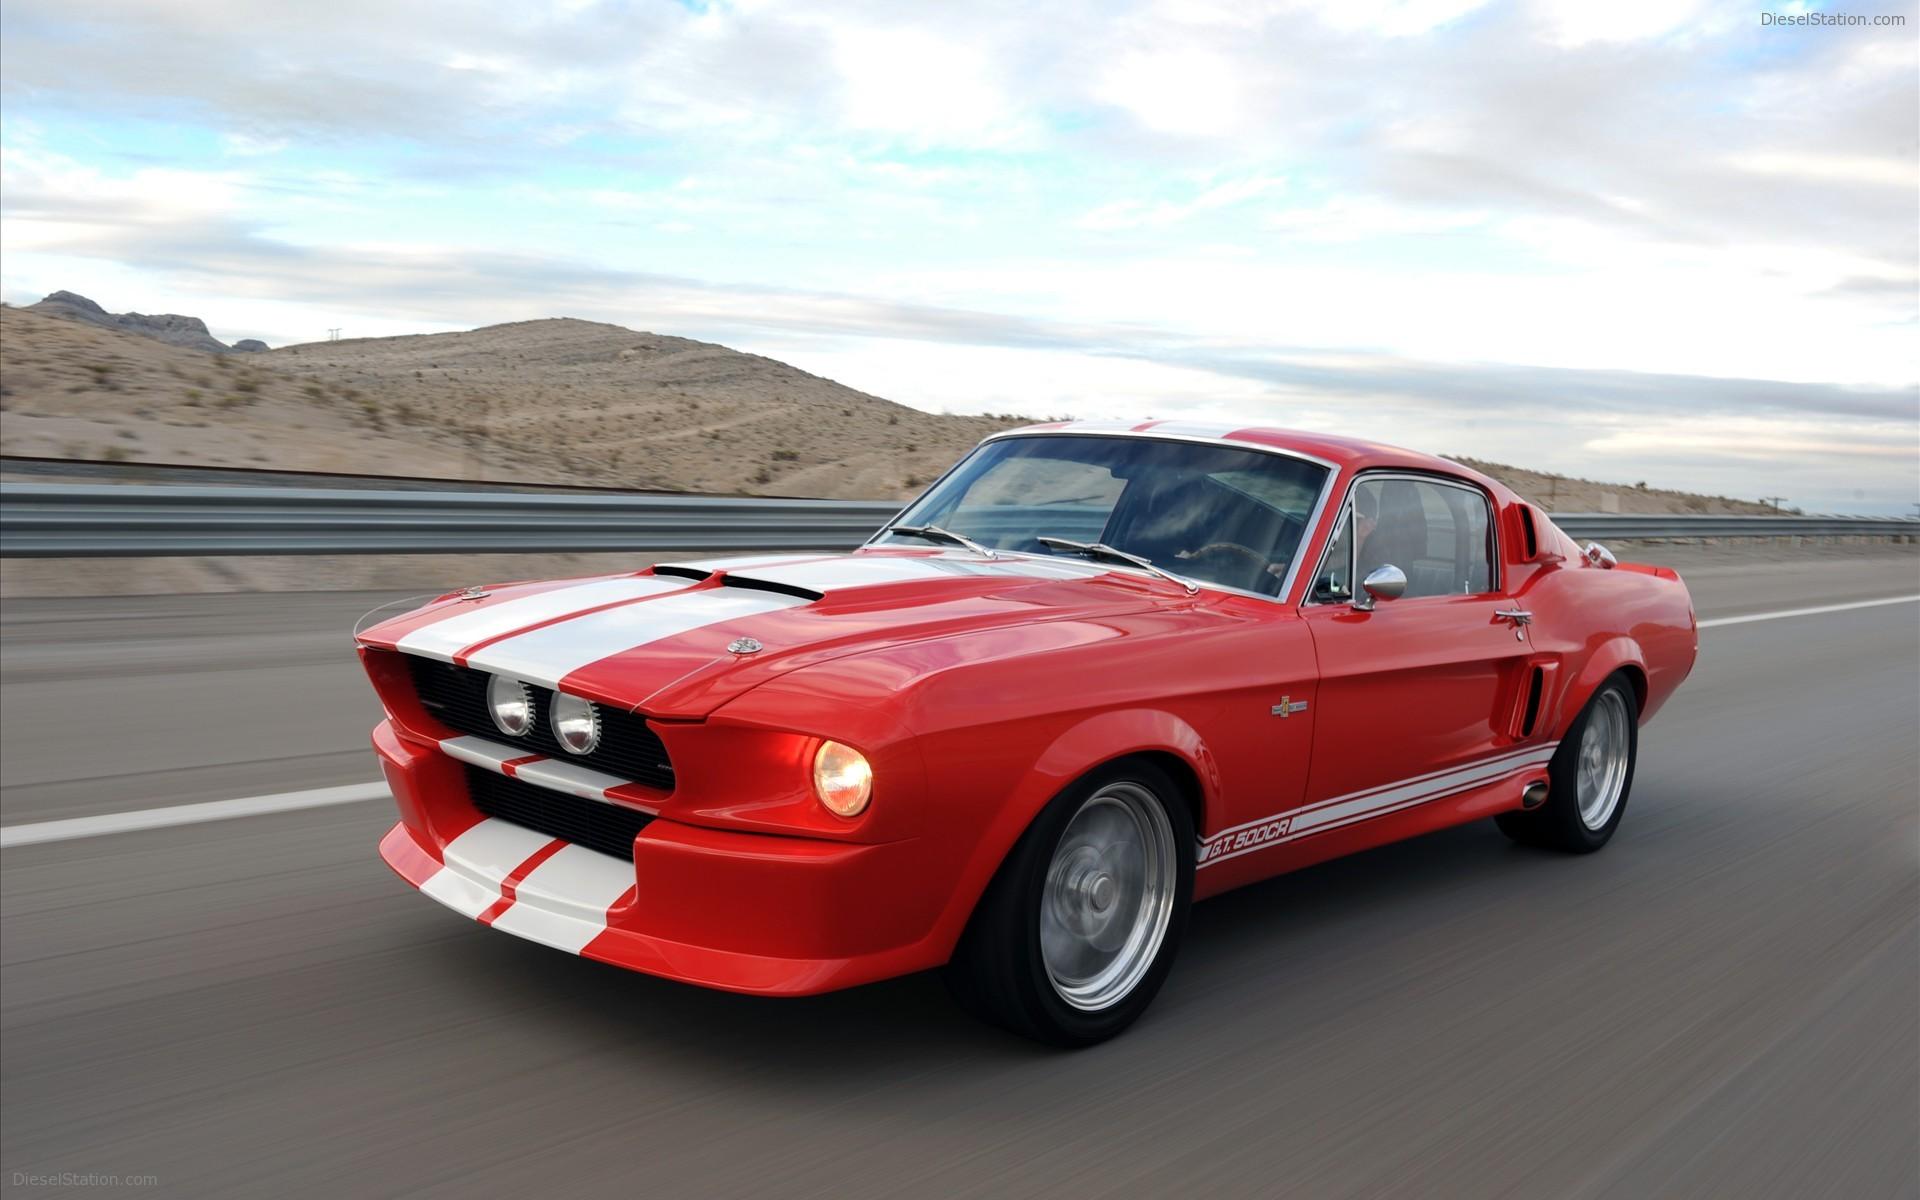 67 Mustang Wallpaper Wallpapersafari